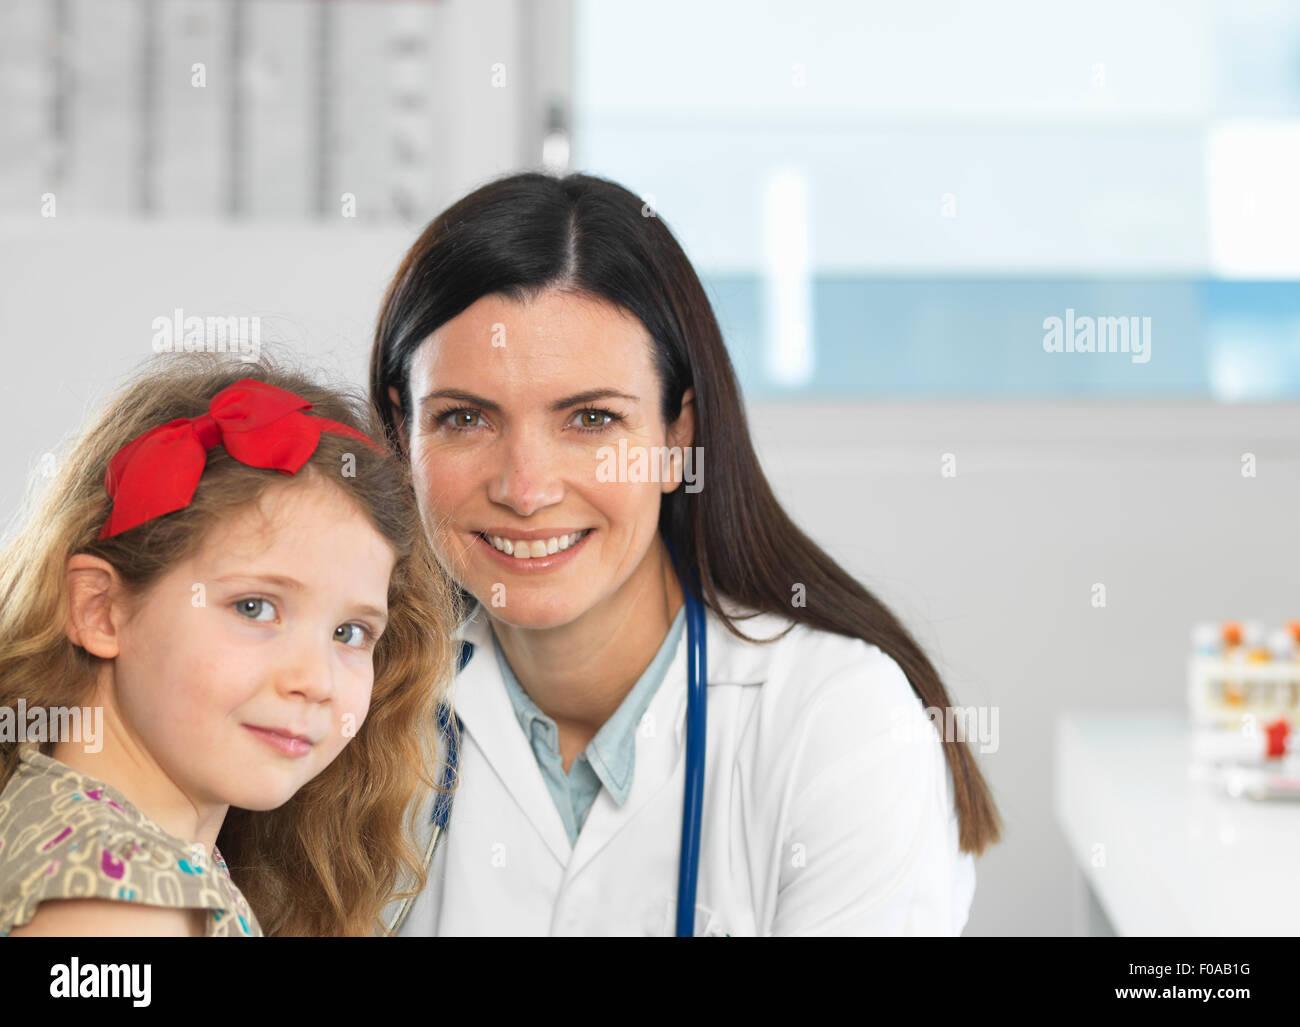 Doctor bonding con niña durante la consulta Imagen De Stock